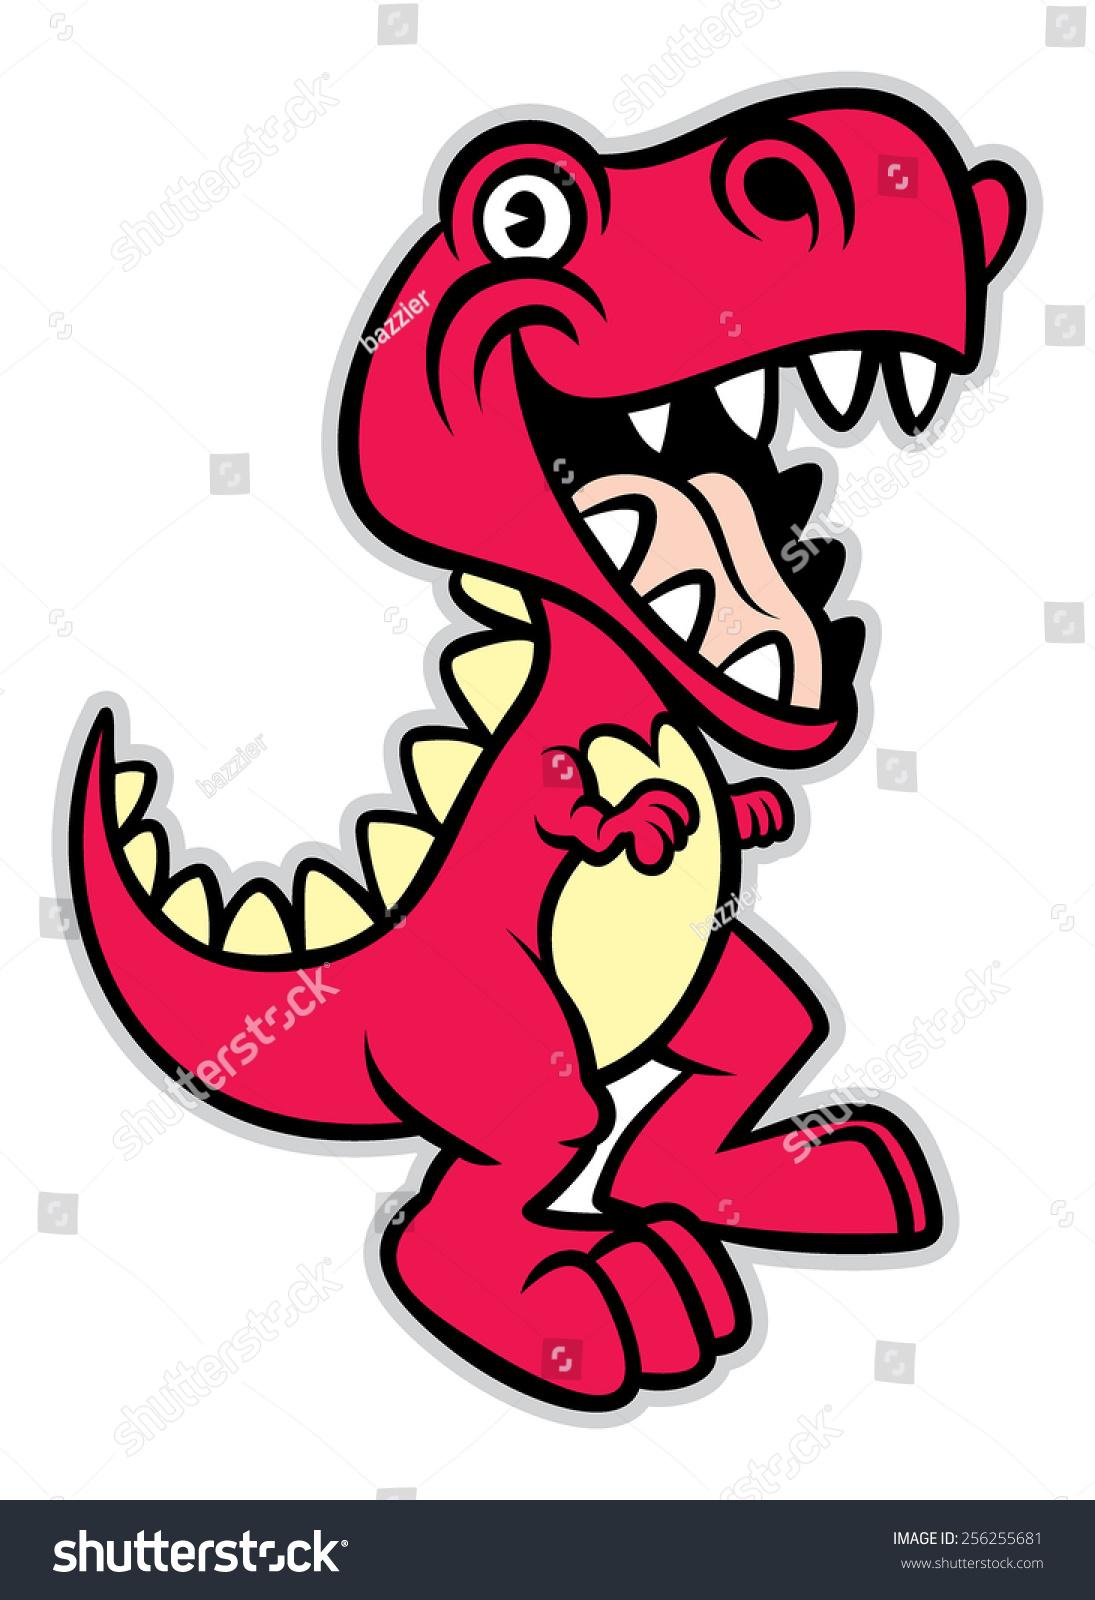 可爱的卡通霸王龙恐龙-动物/野生生物-海洛创意()-合.